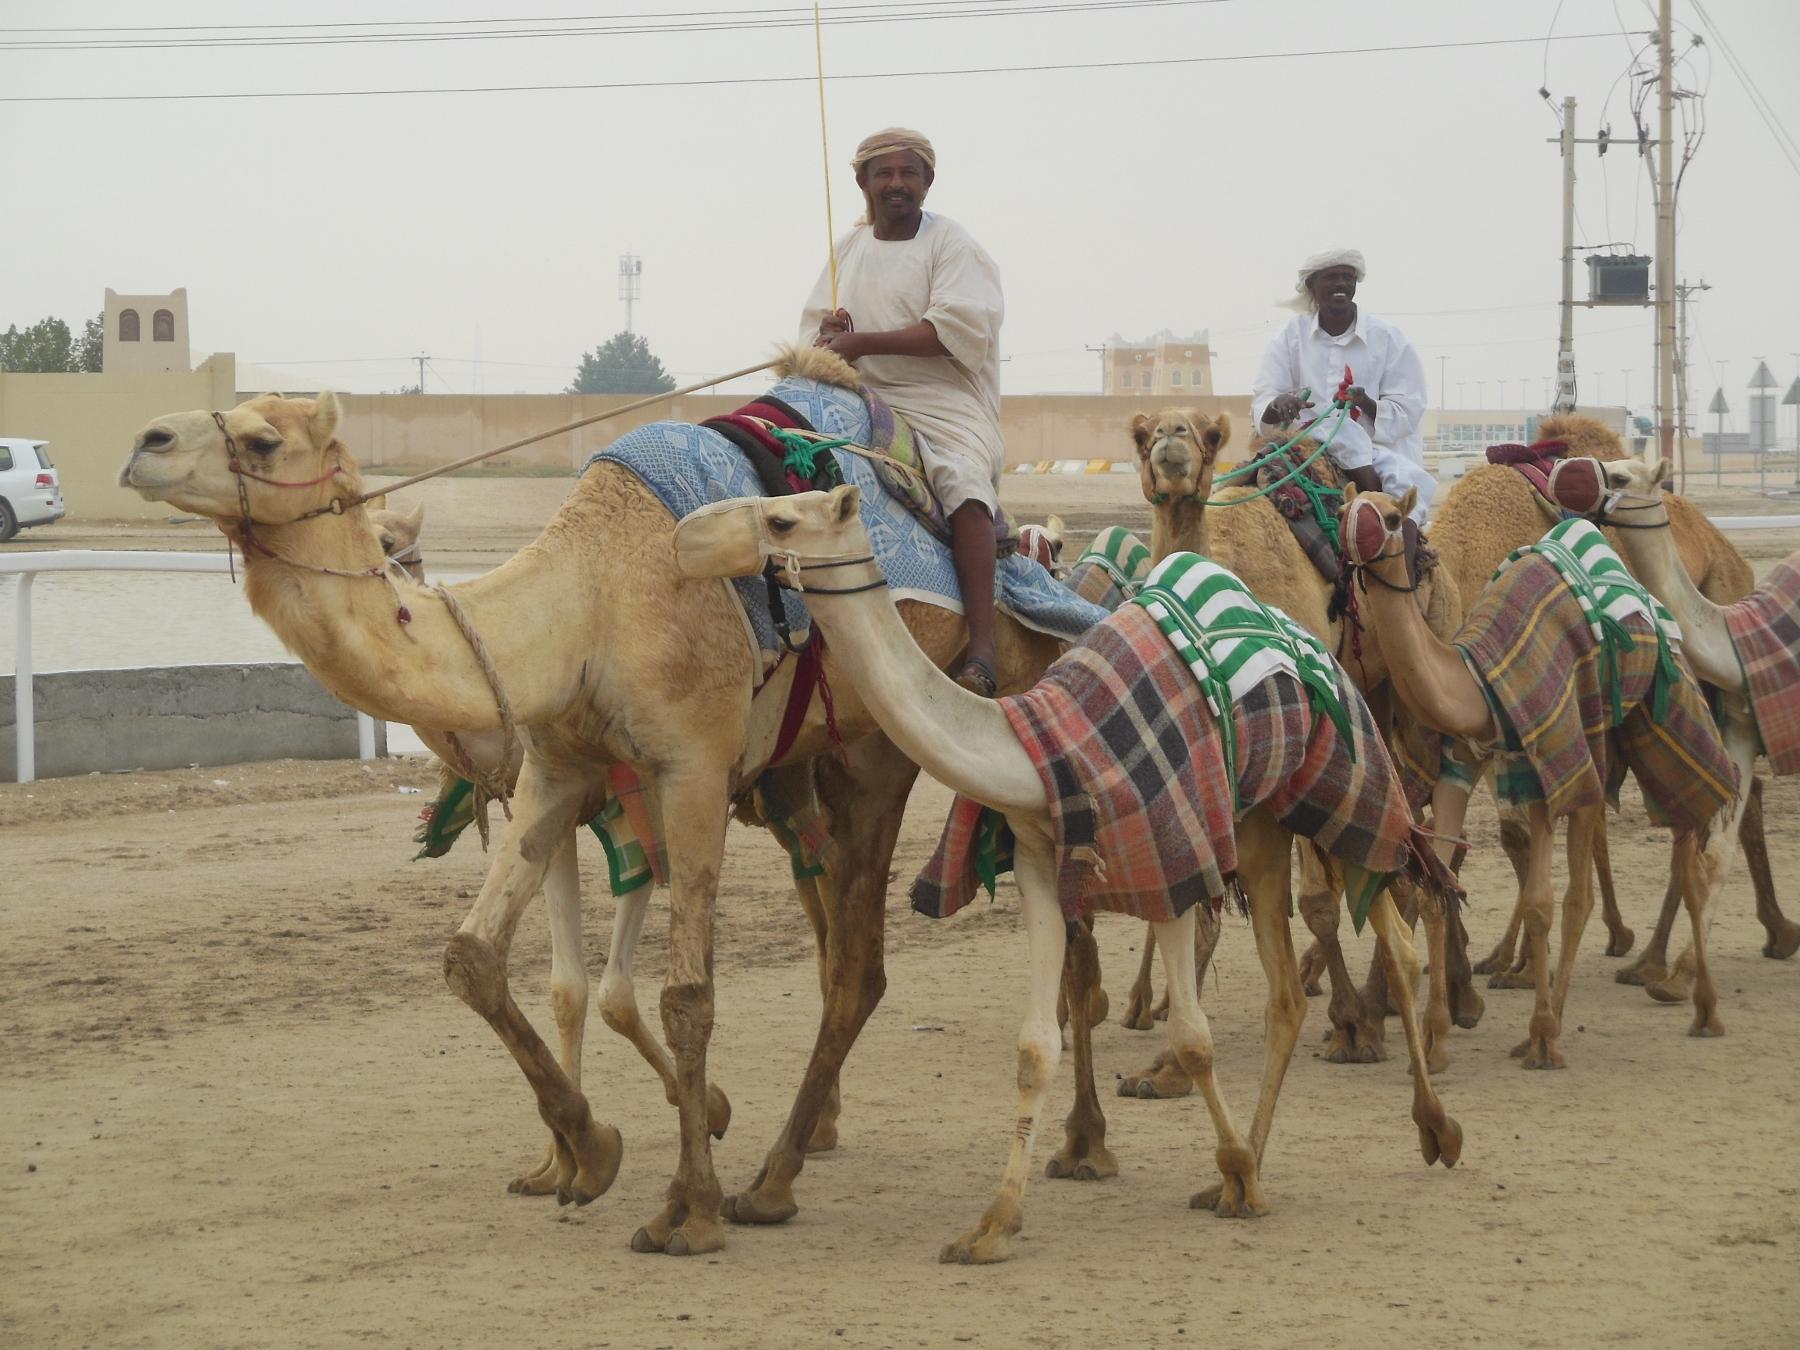 Kamelrennbahn in der Nähe von Doha (1800x1350)